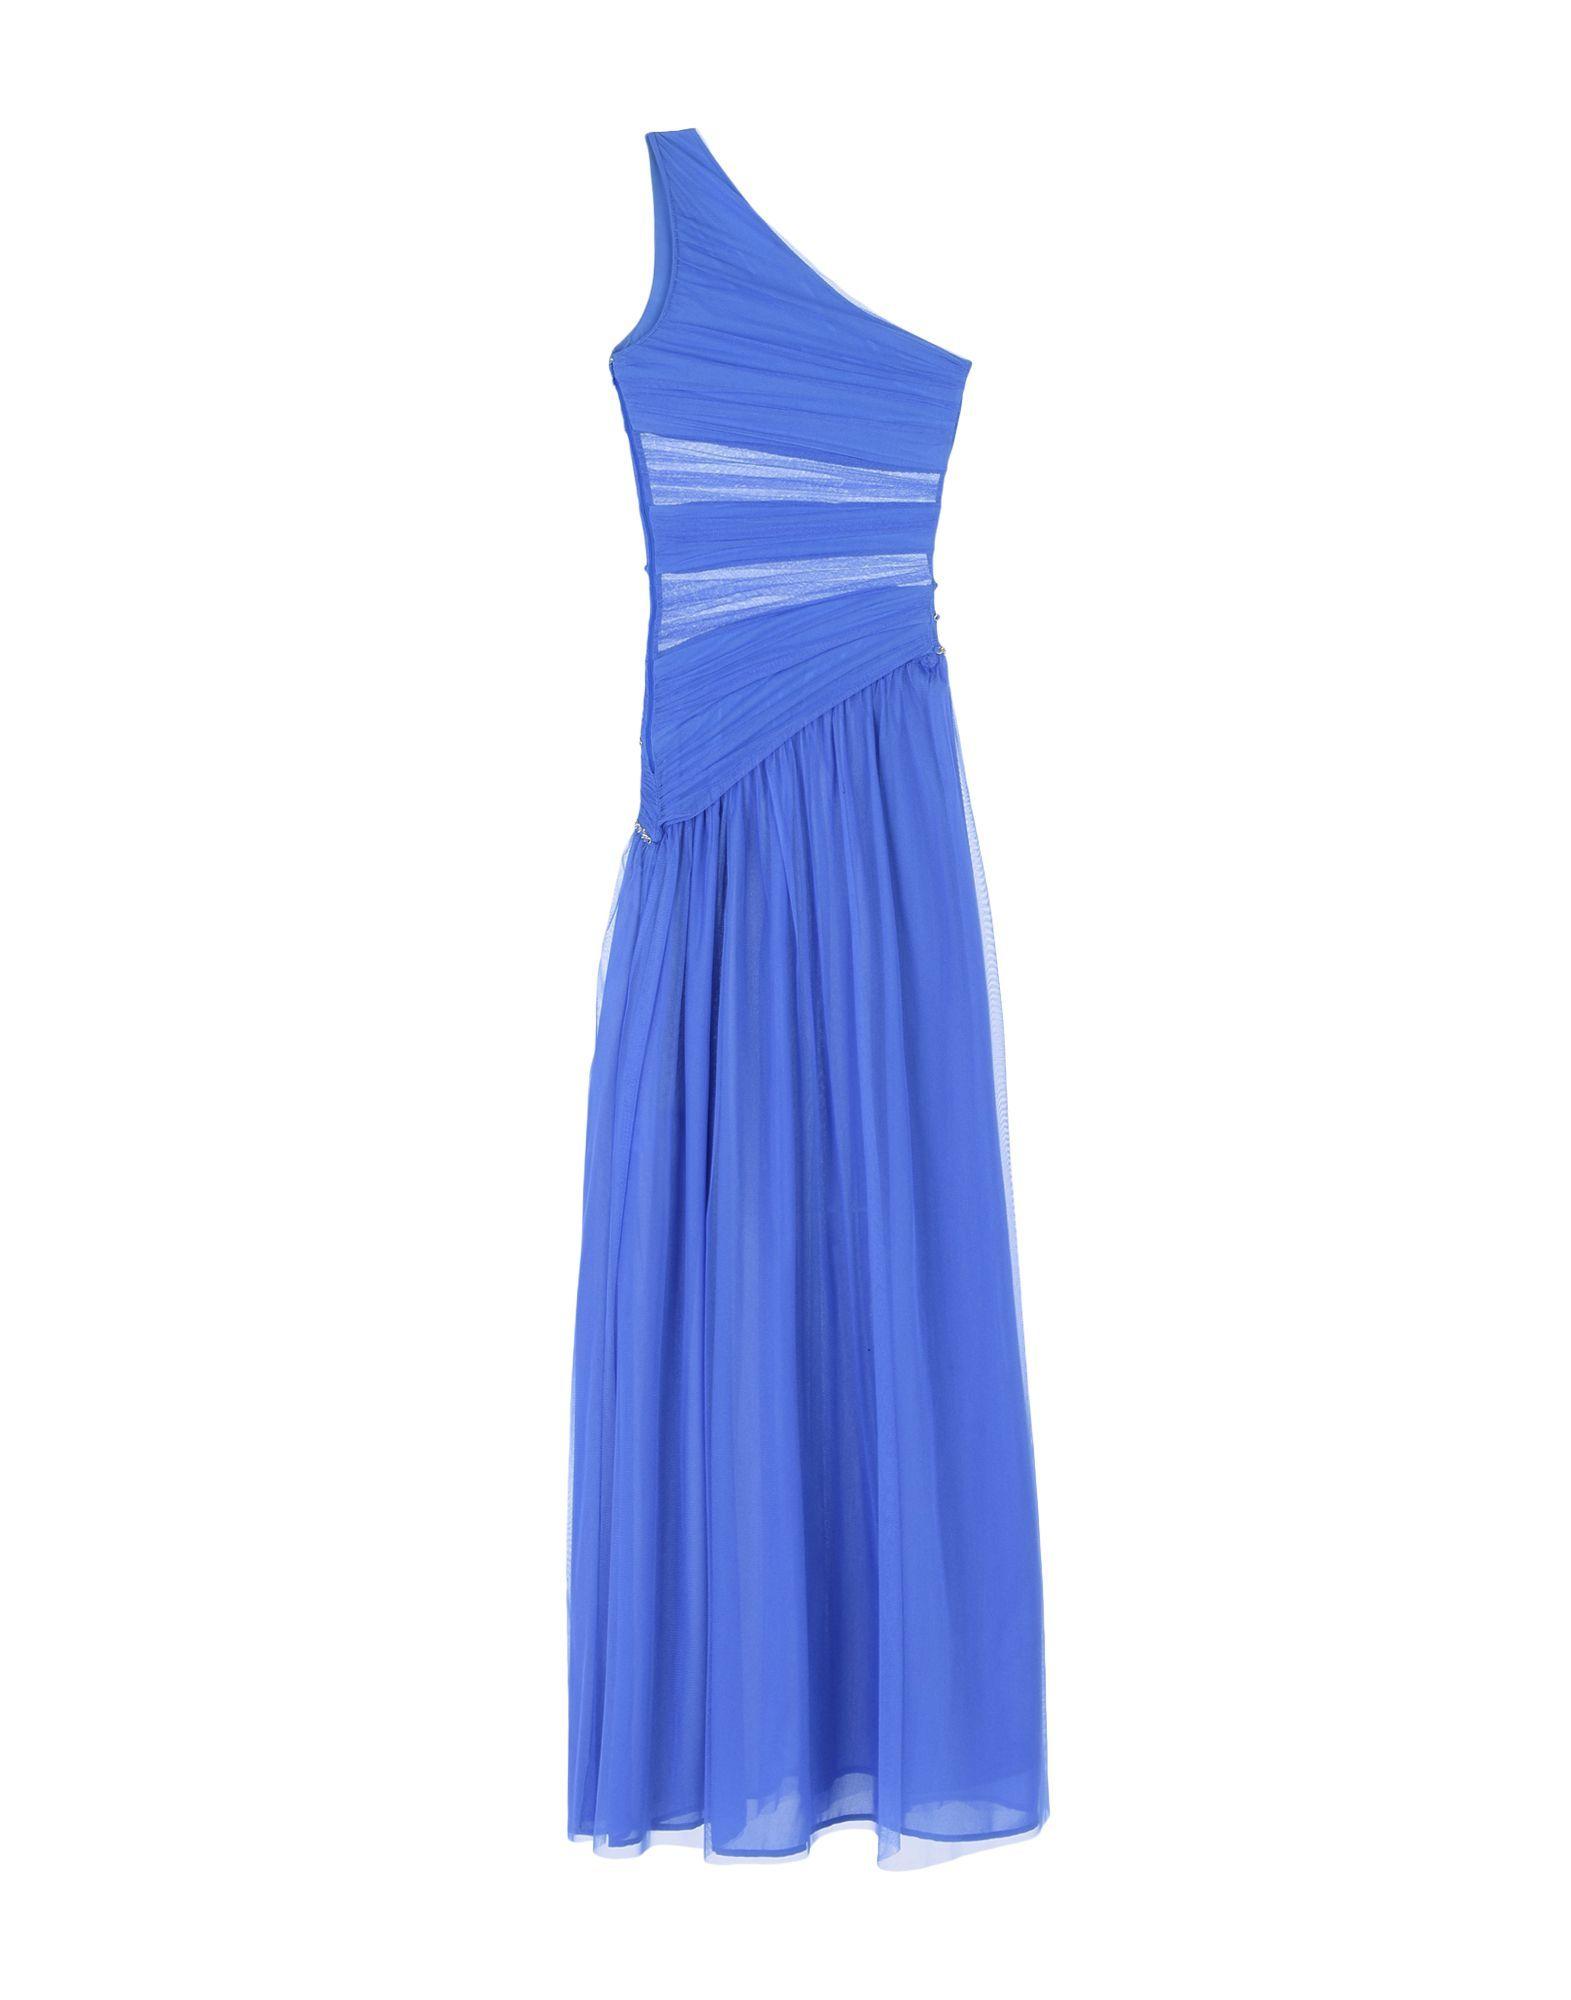 Elisabetta Franchi Blue One Shoulder Full Length Dress